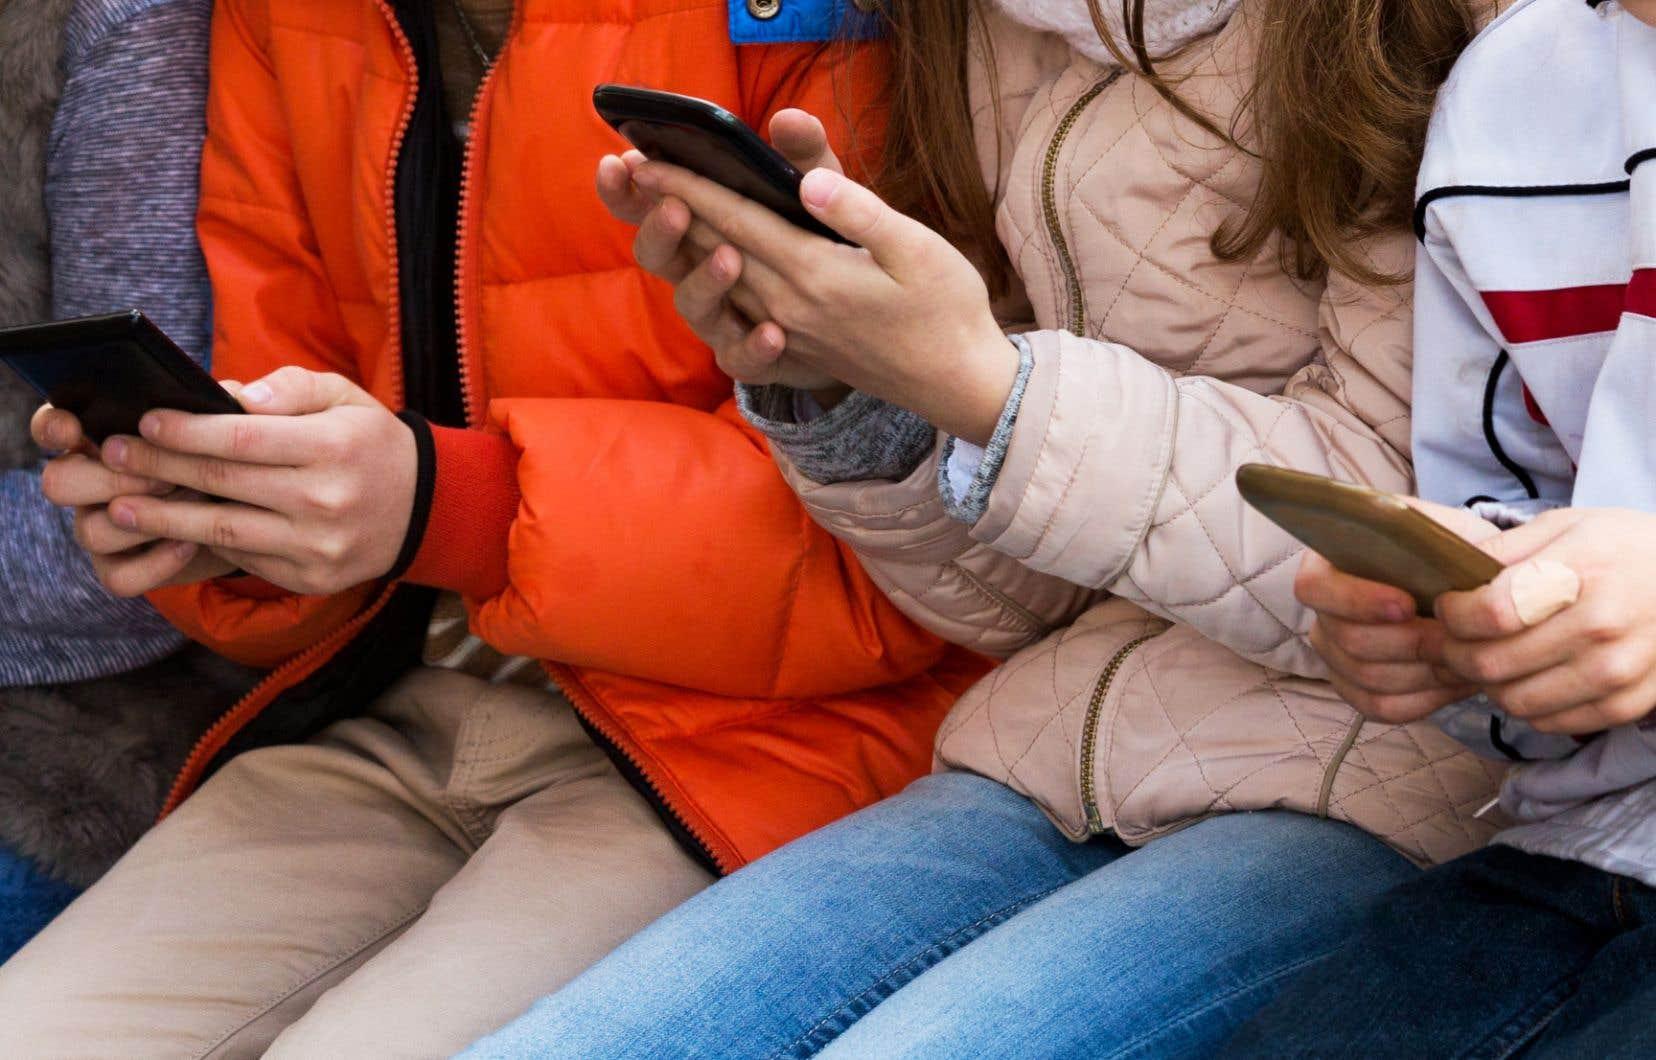 Le ministre de l'Éducation, Sébastien Proulx, a déclaré qu'il n'interdira pas l'utilisation des téléphones cellulaires en classe, comme c'est le cas en France.